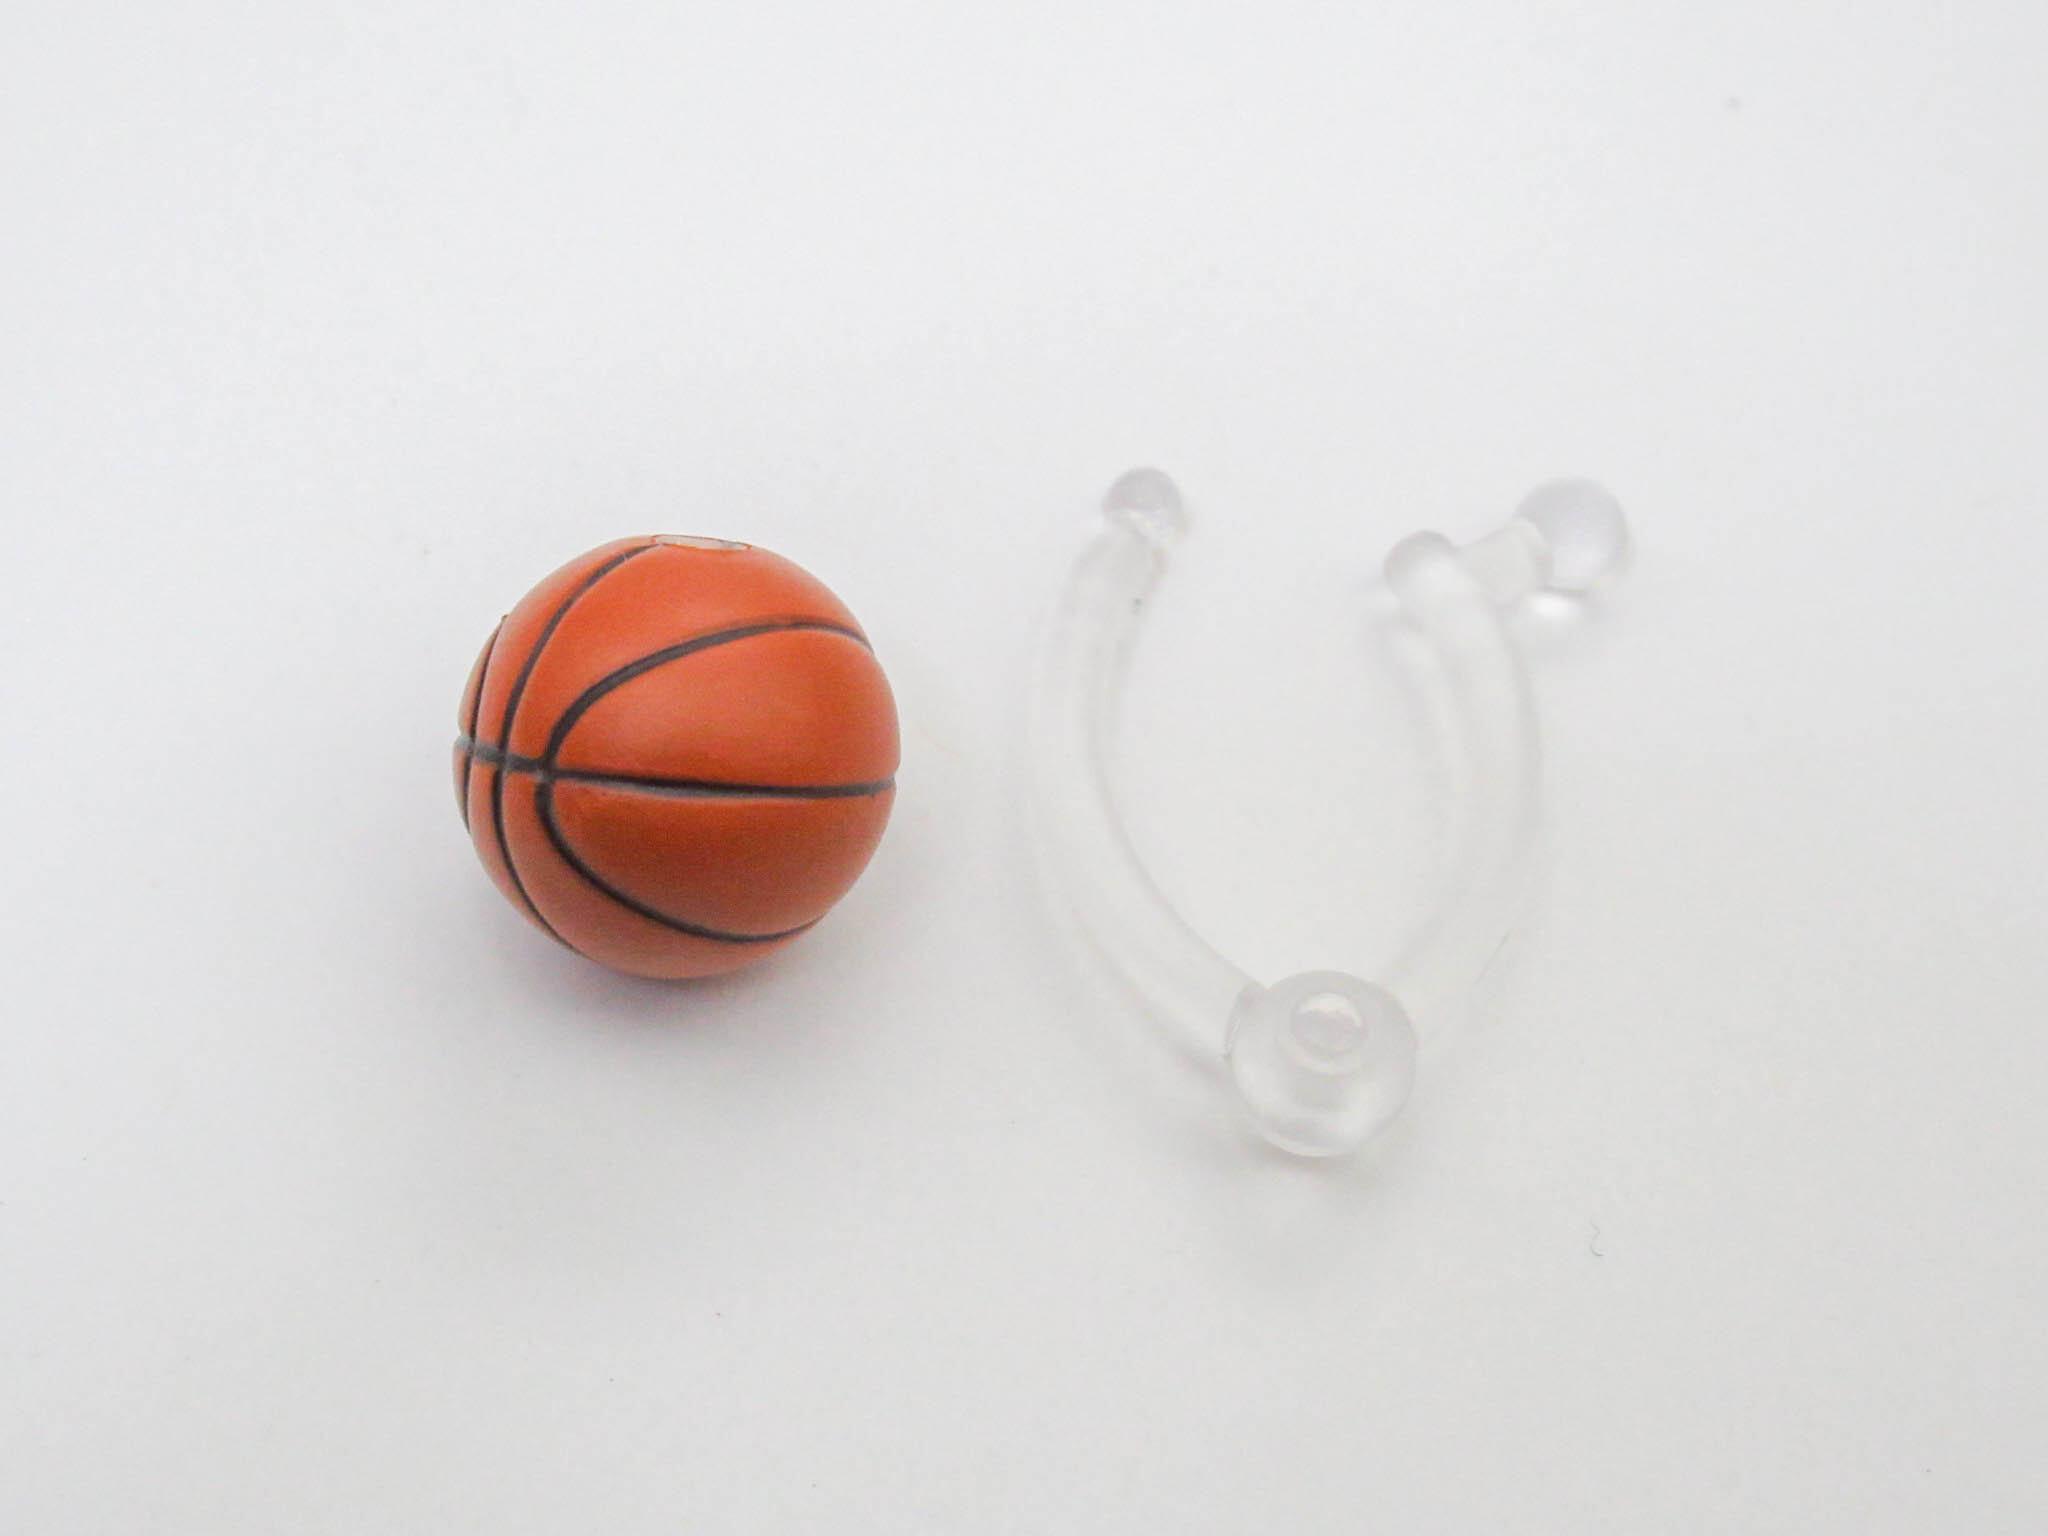 再入荷【1172】 黒子テツヤ 小物パーツ バスケットボール ねんどろいど